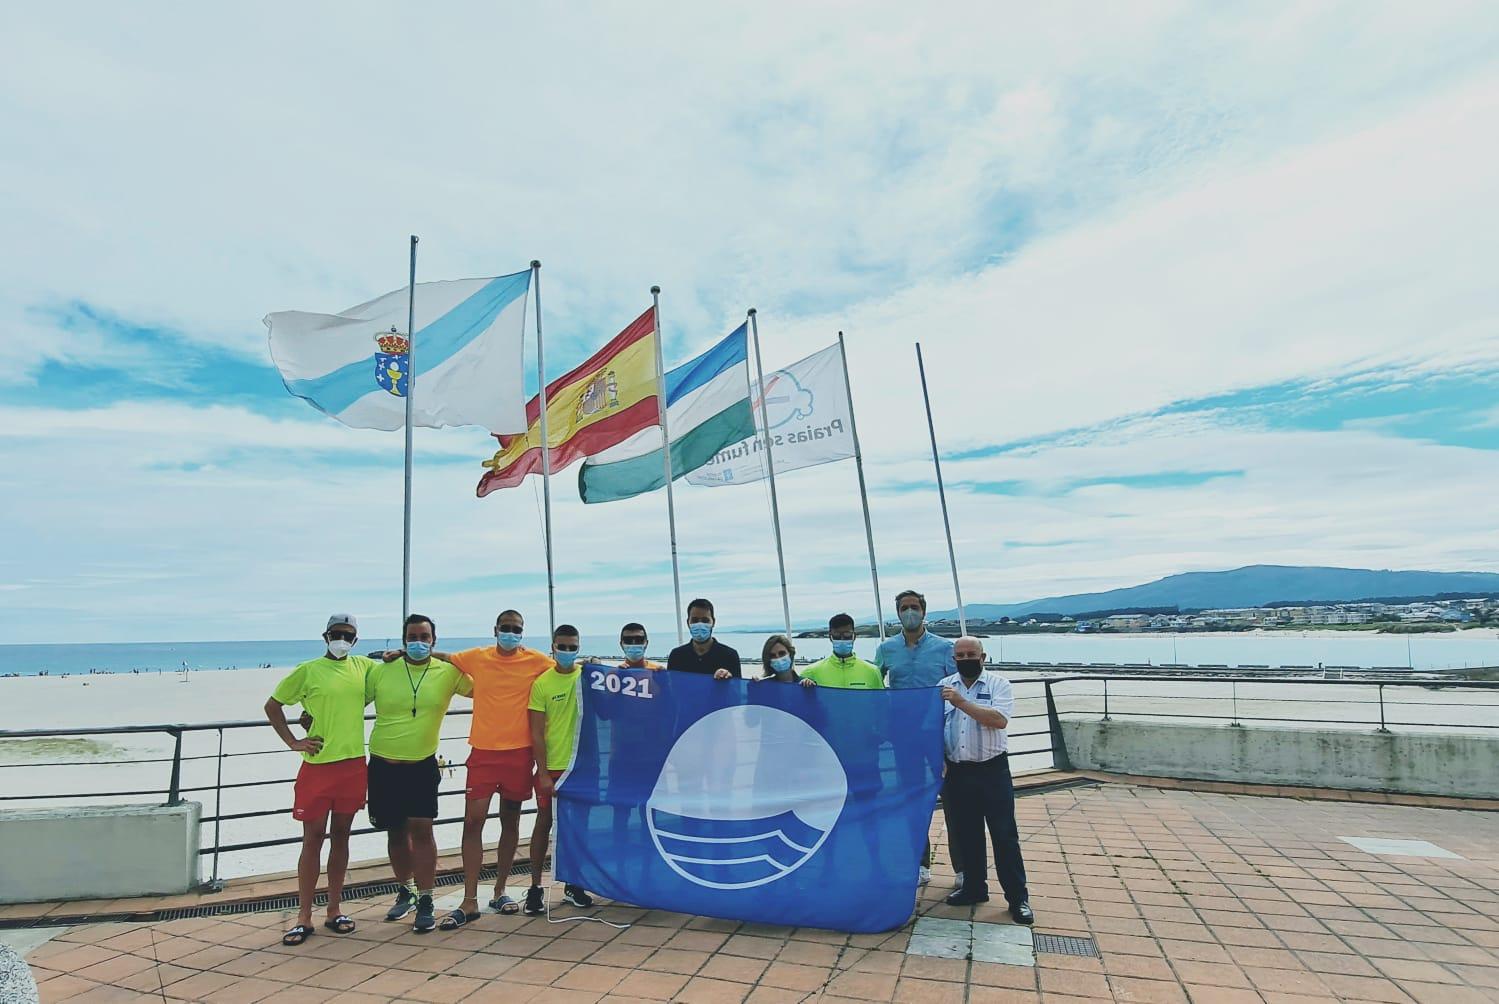 Izada a bandeira azul na praia da Rapadoira